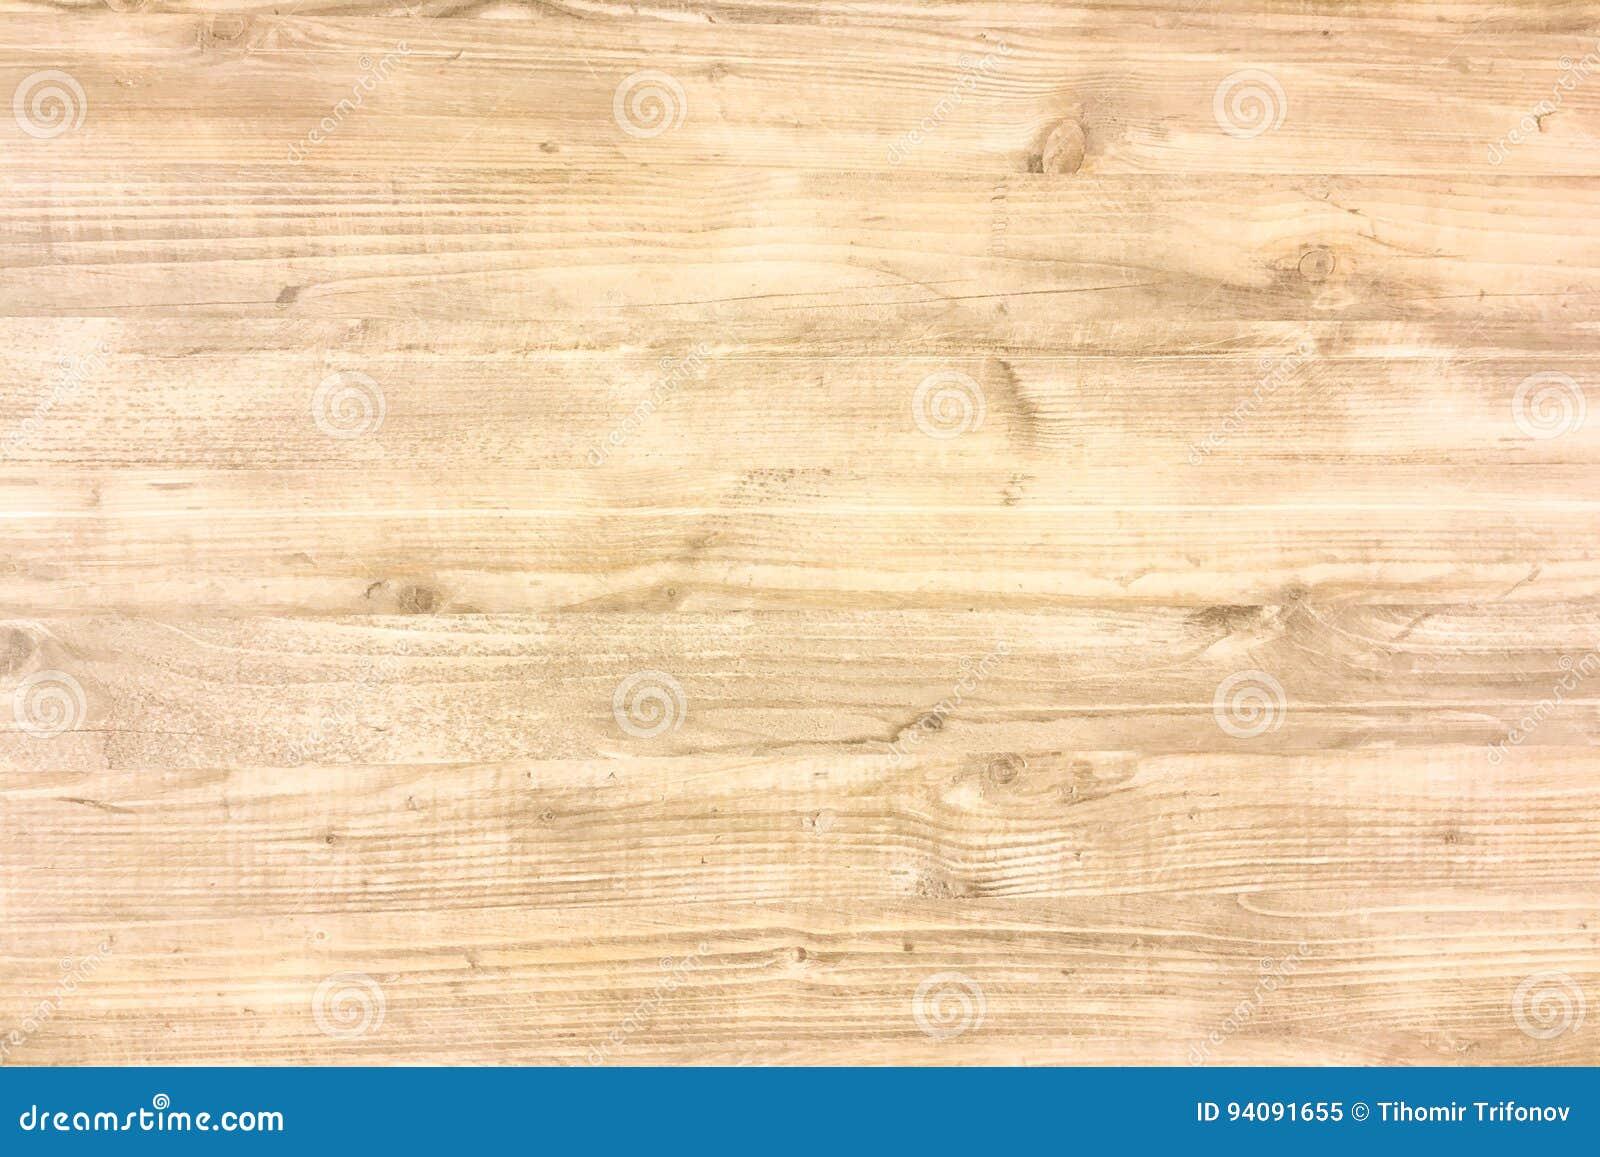 Texture en bois organique blanche fond en bois clair vieux - Texture bois clair ...